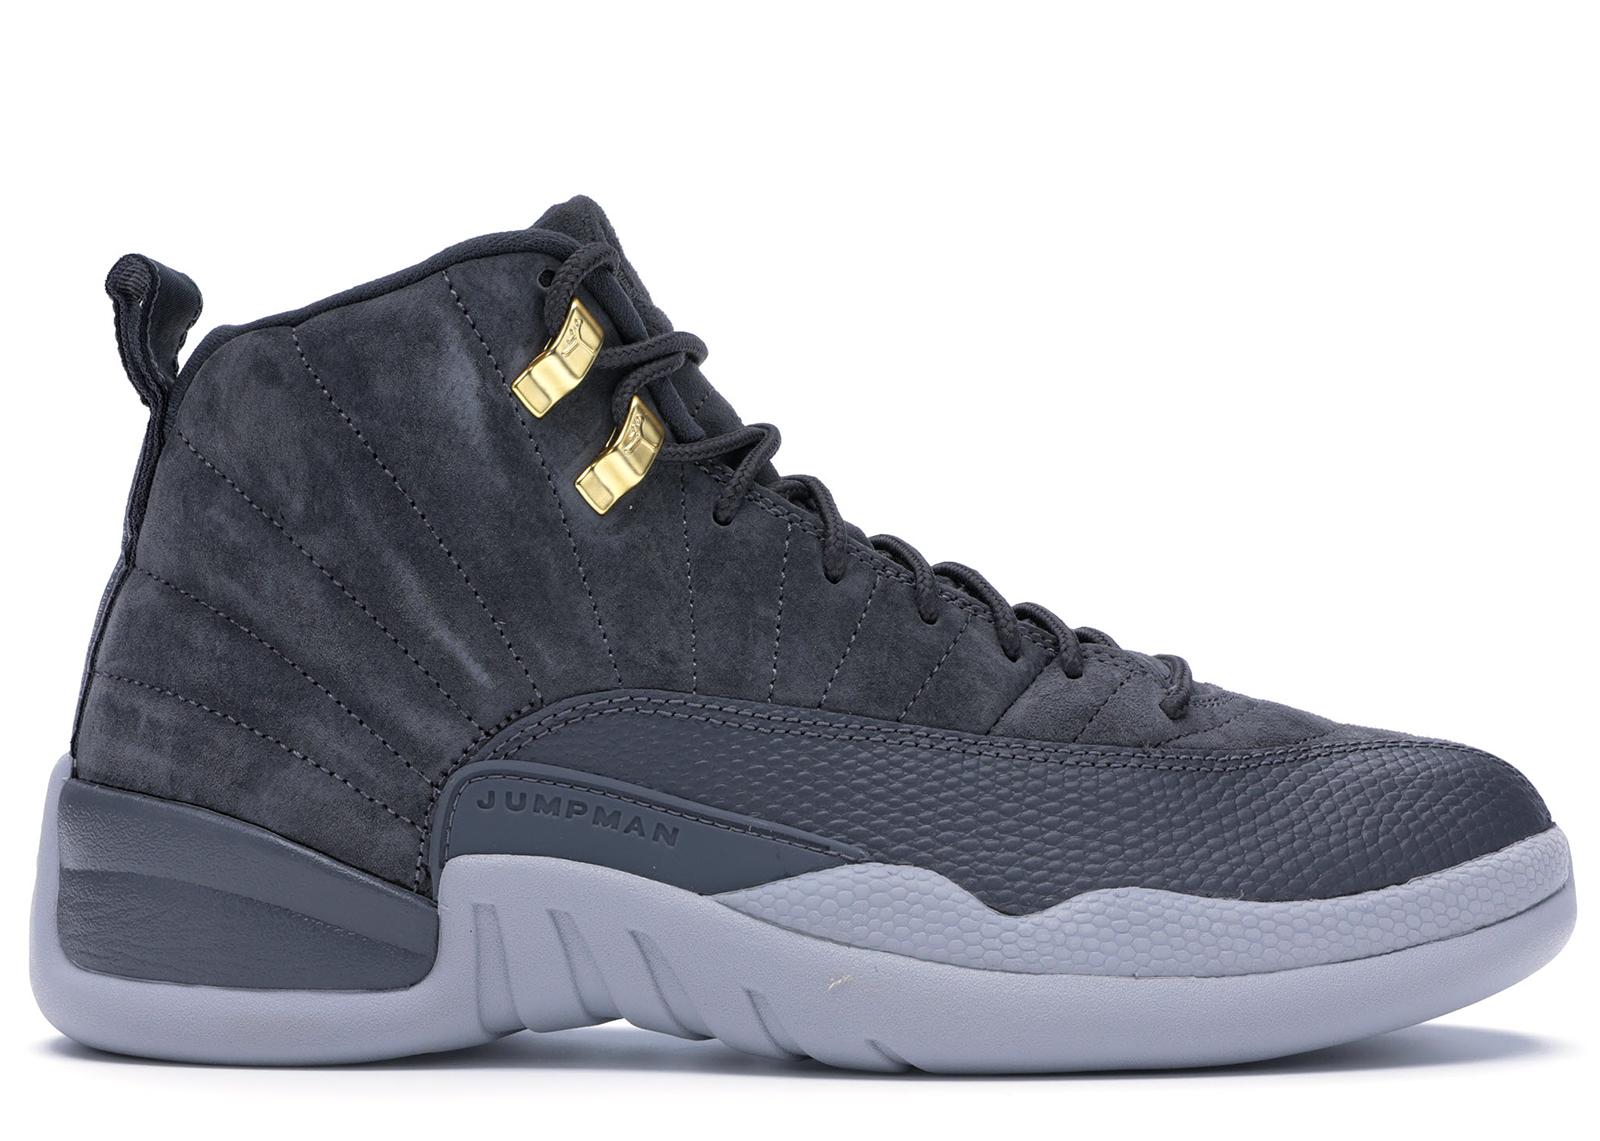 Jordan 12 Retro Dark Grey - 130690-005